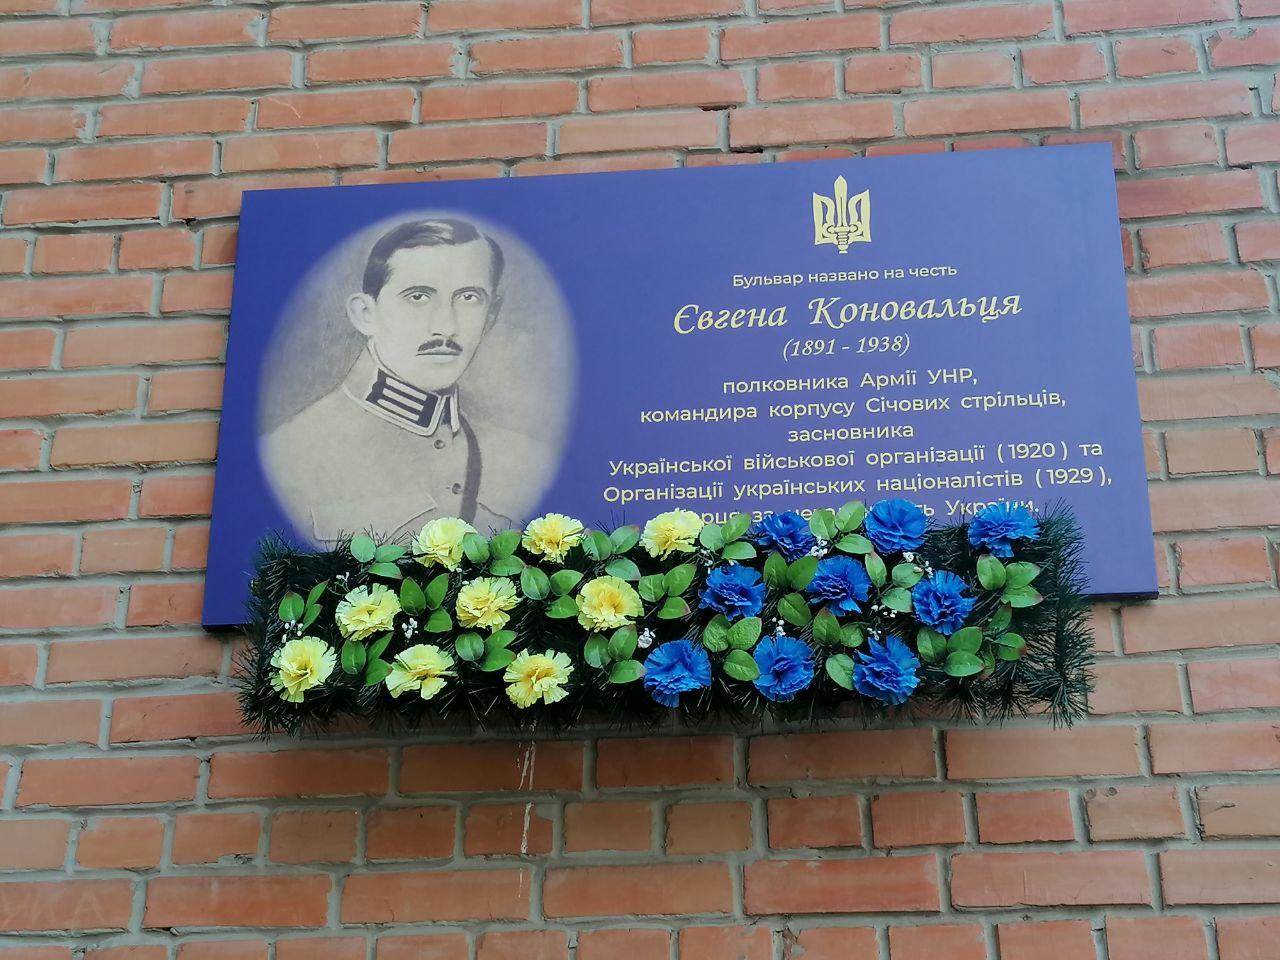 У Полтаві відзначили 130-ту річницю від дня народження Євгена Коновальця